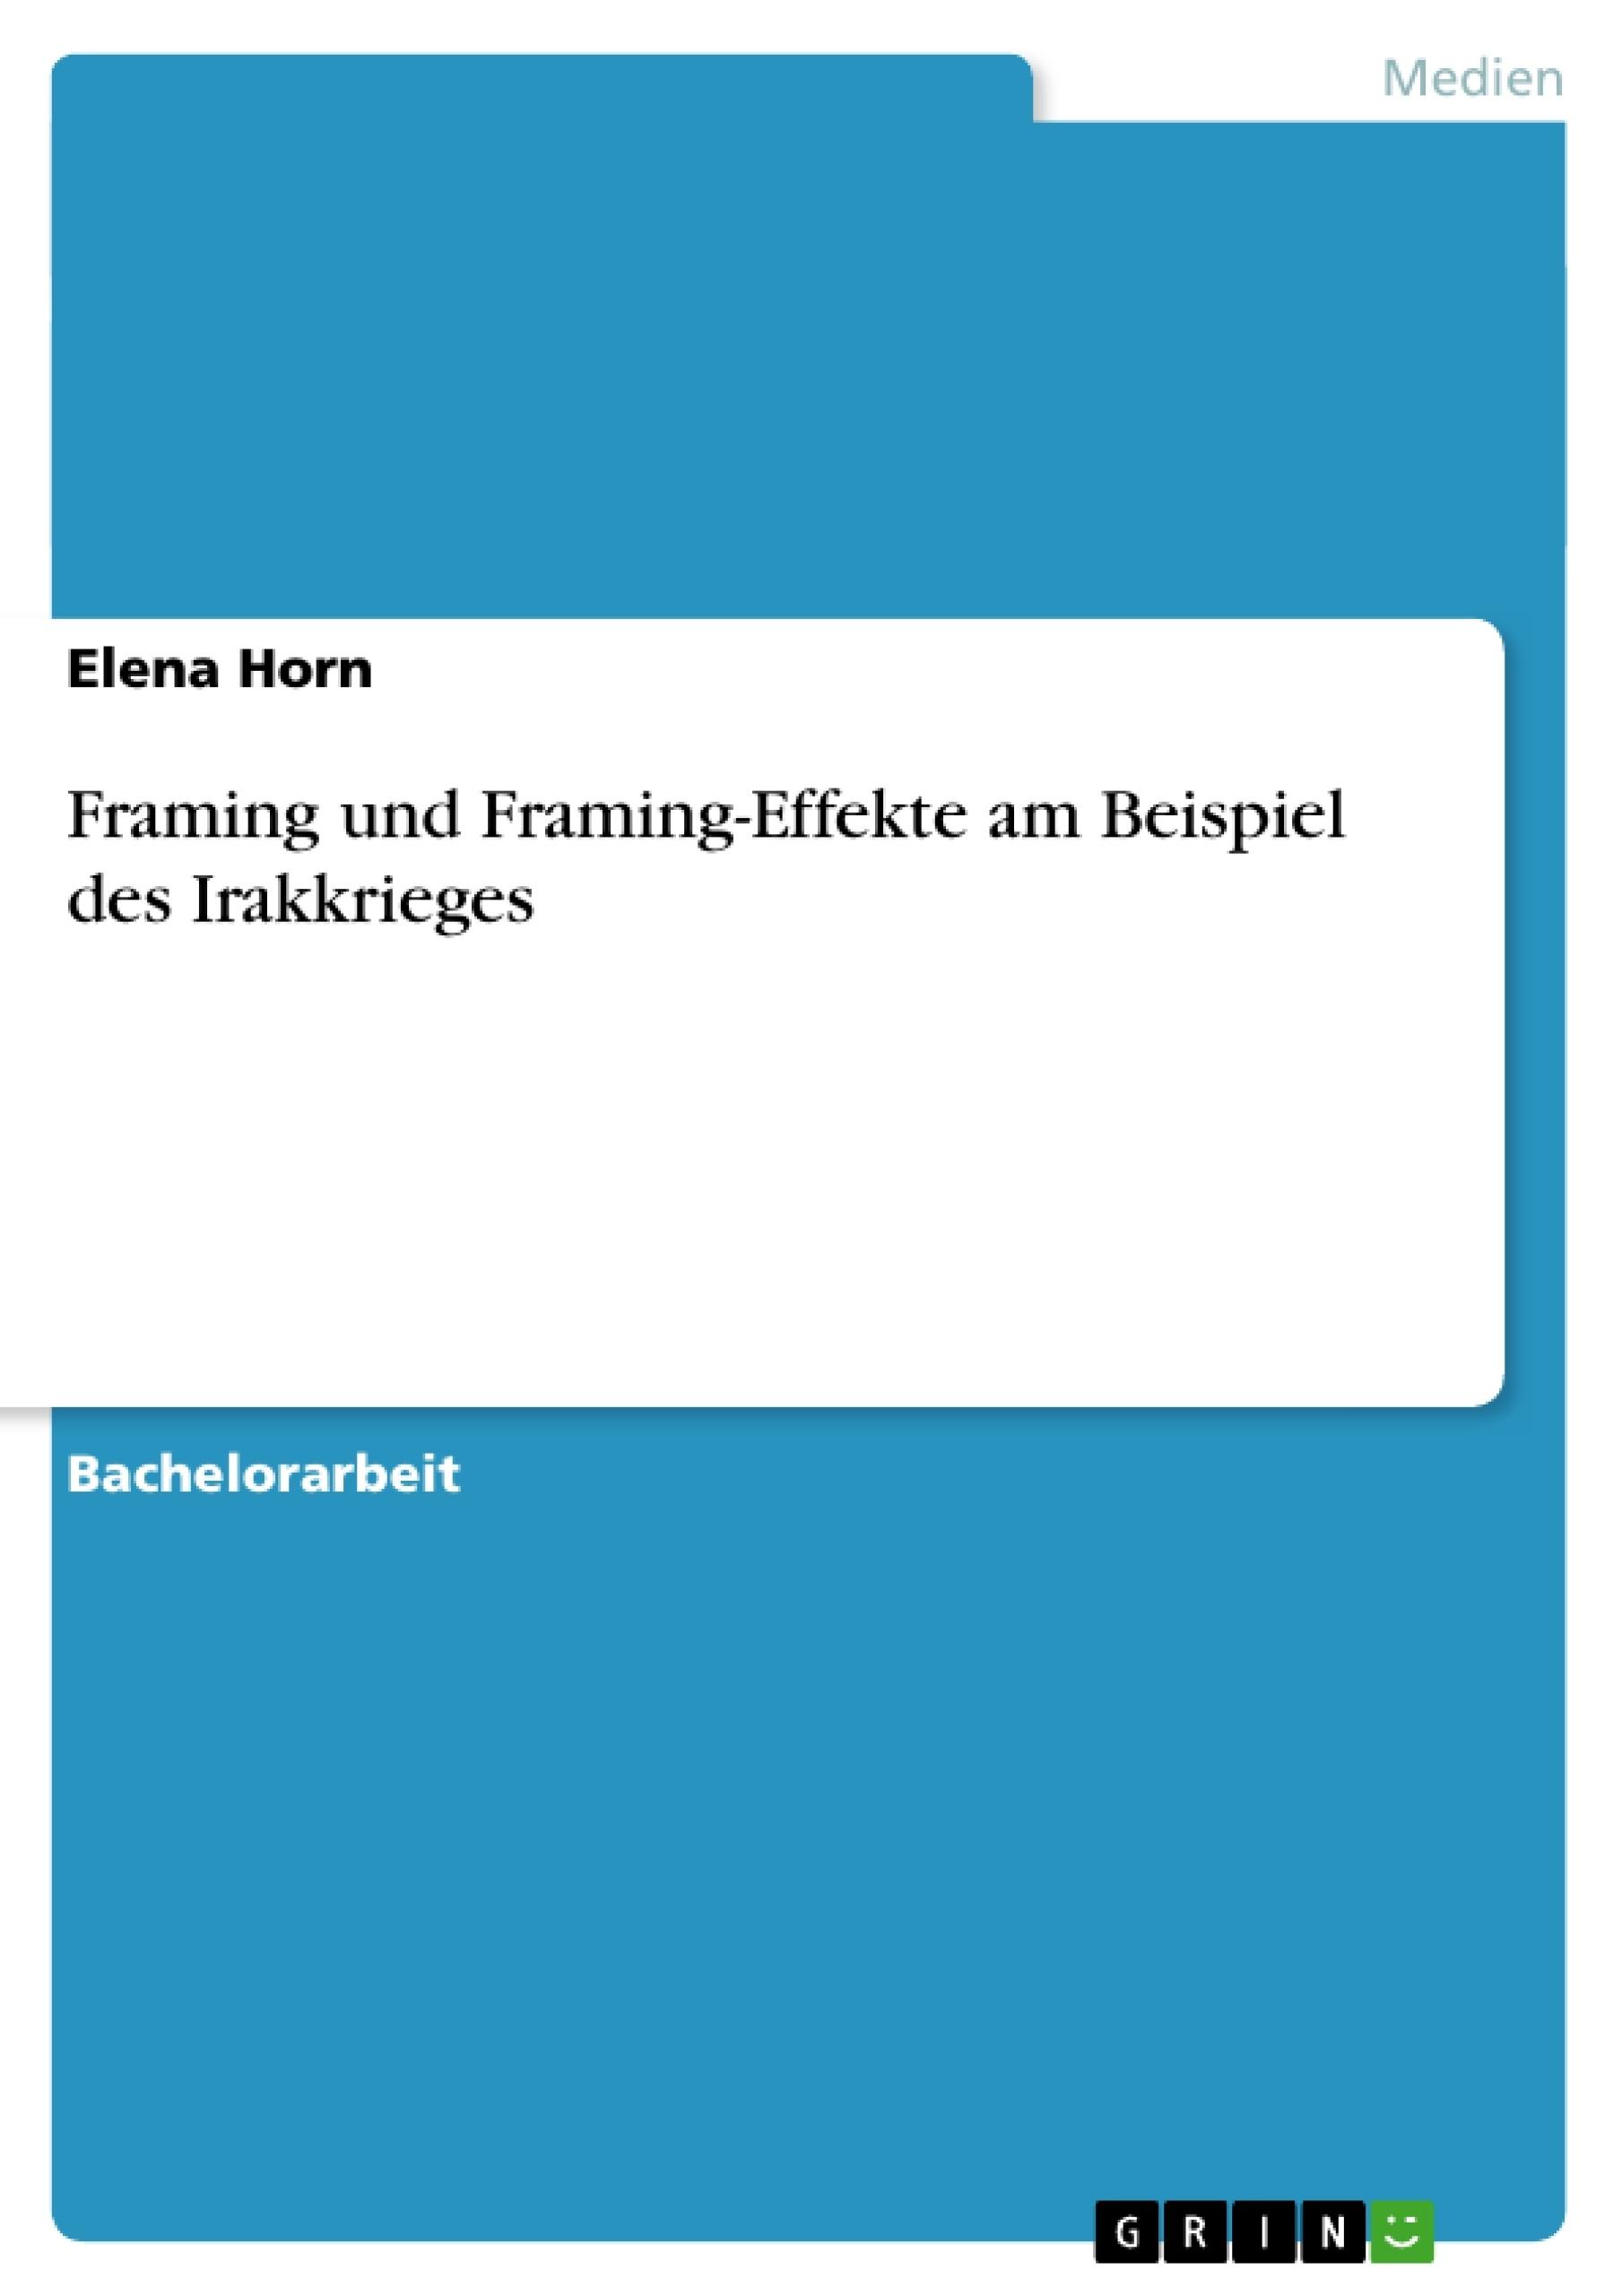 Framing und Framing-Effekte am Beispiel des Irakkrieges ...